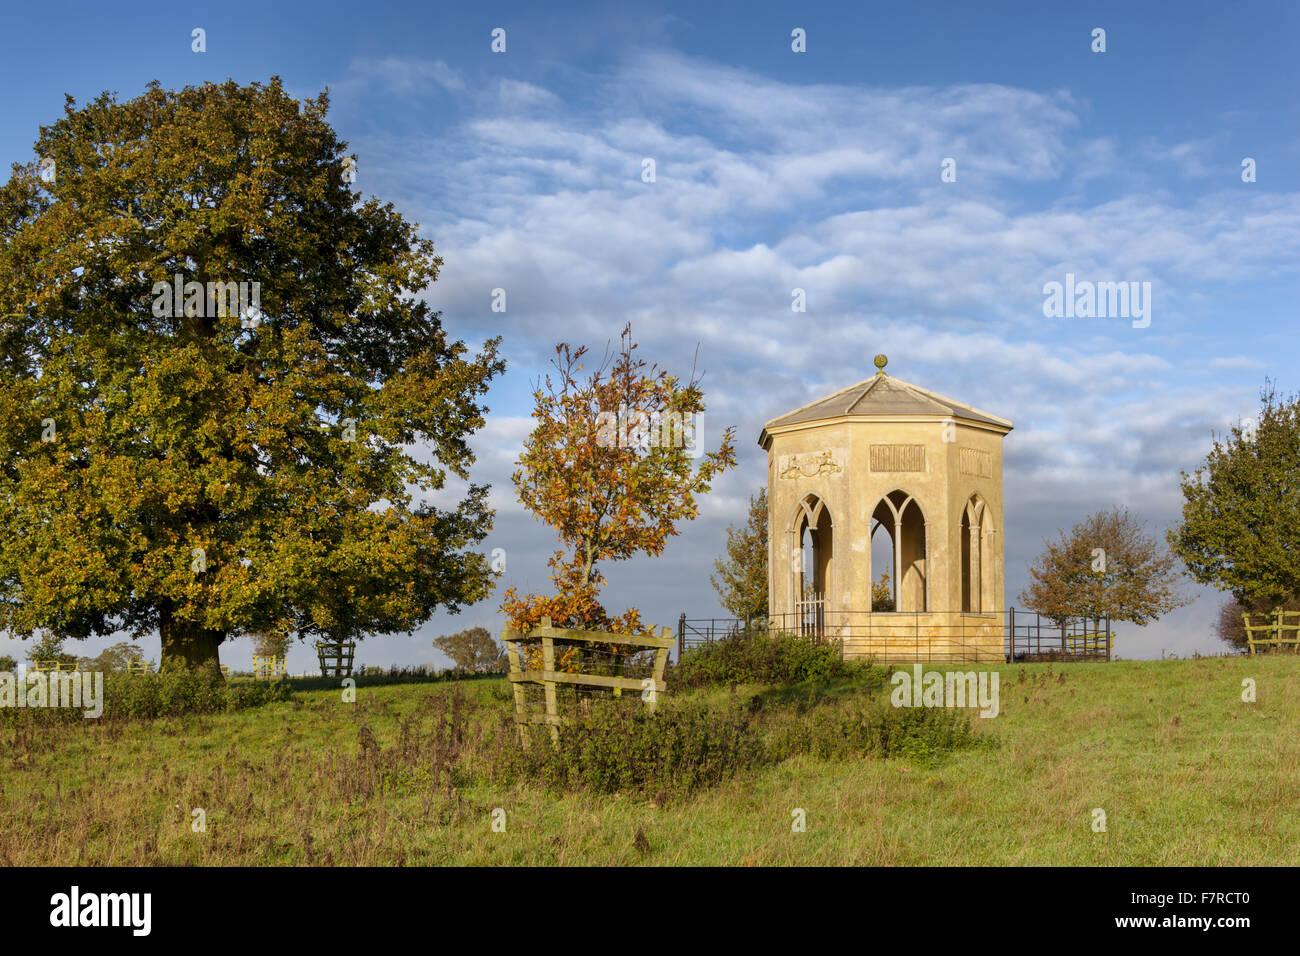 Il Gotico Umbrello a Stowe, Buckinghamshire. Stowe è un palazzo del diciottesimo secolo giardino paesaggistico Immagini Stock